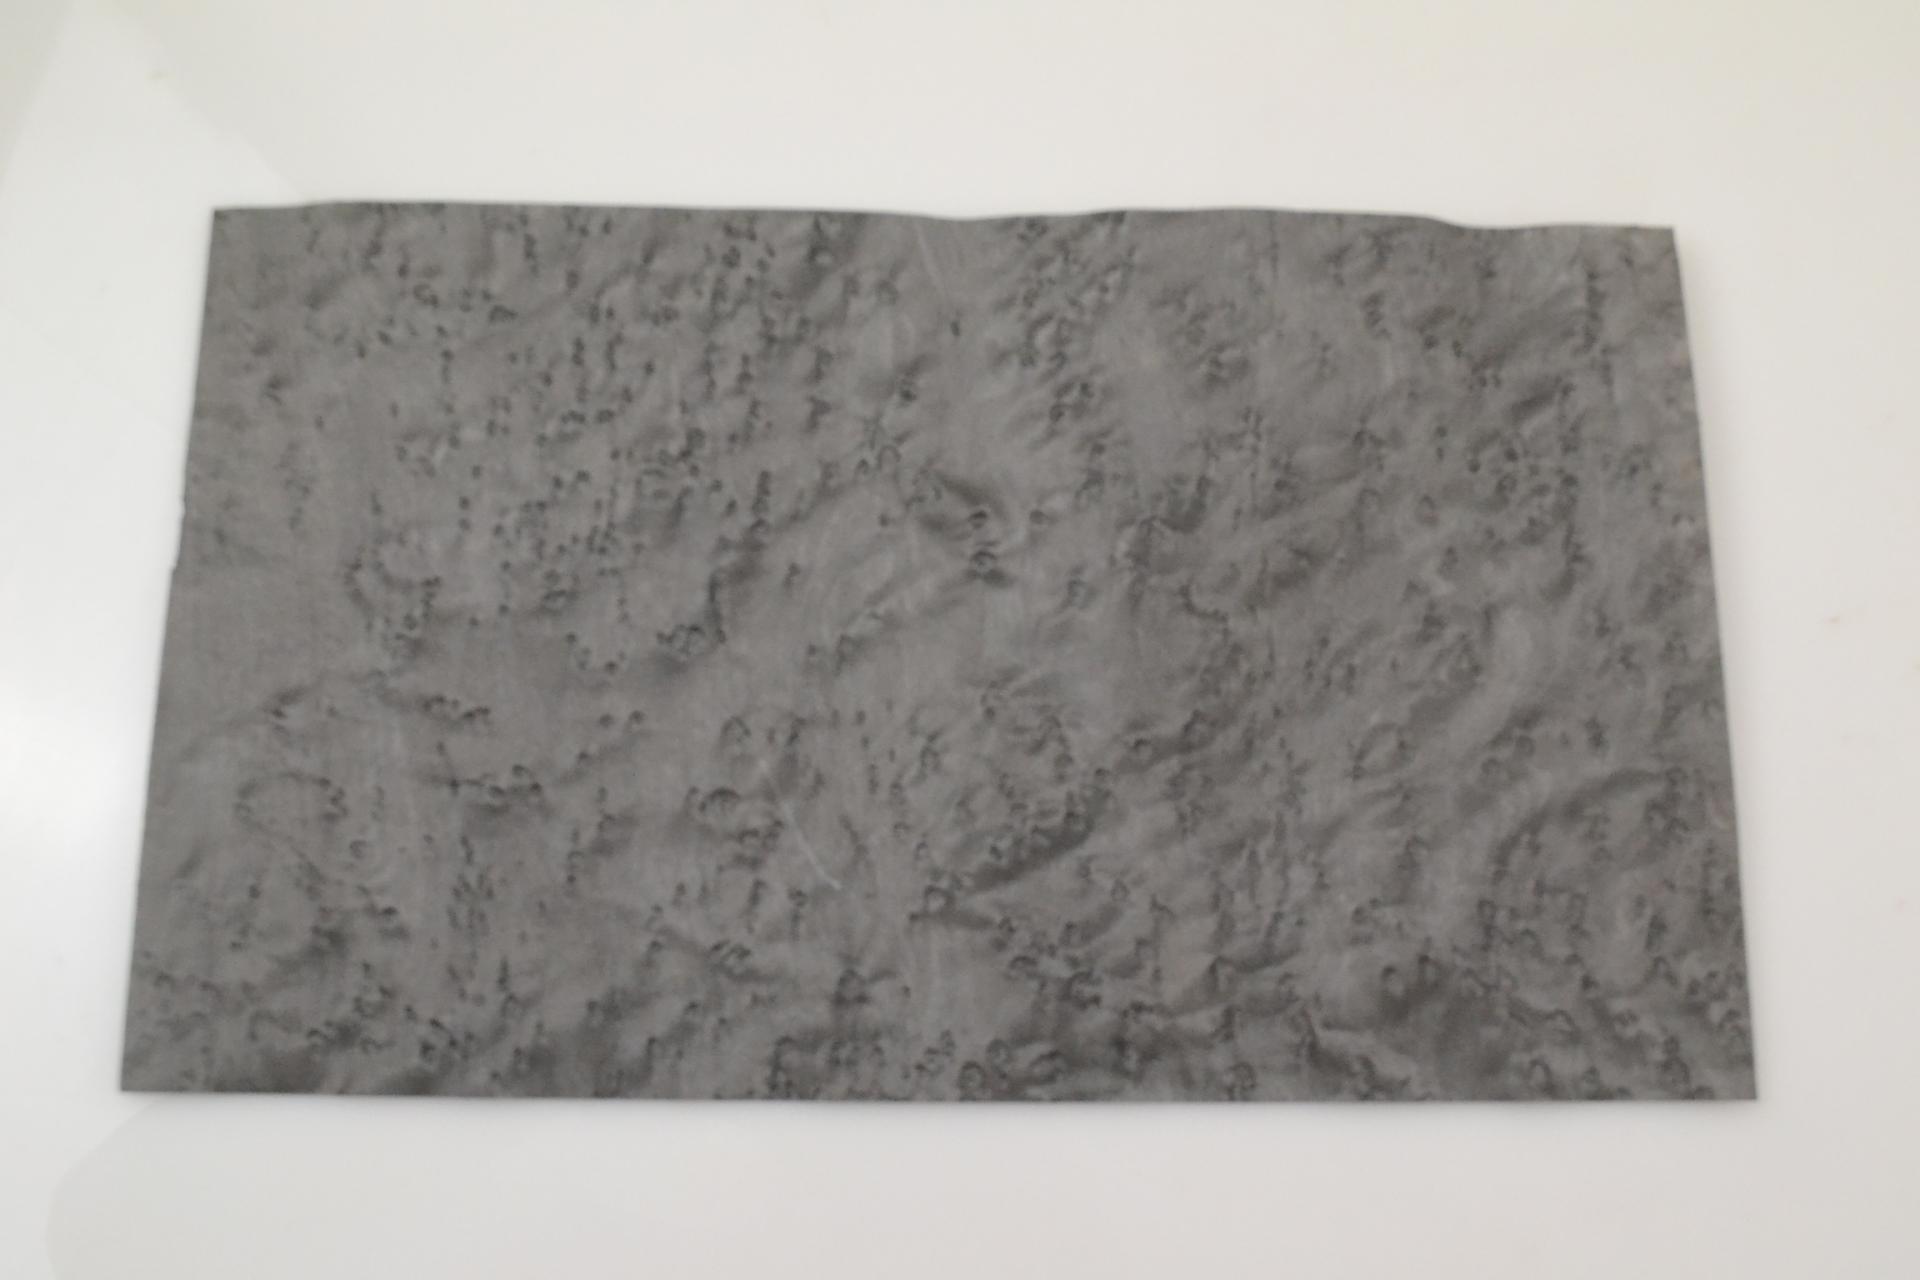 241  placage erable moucheté gris  feuille de bois placage marqueterie